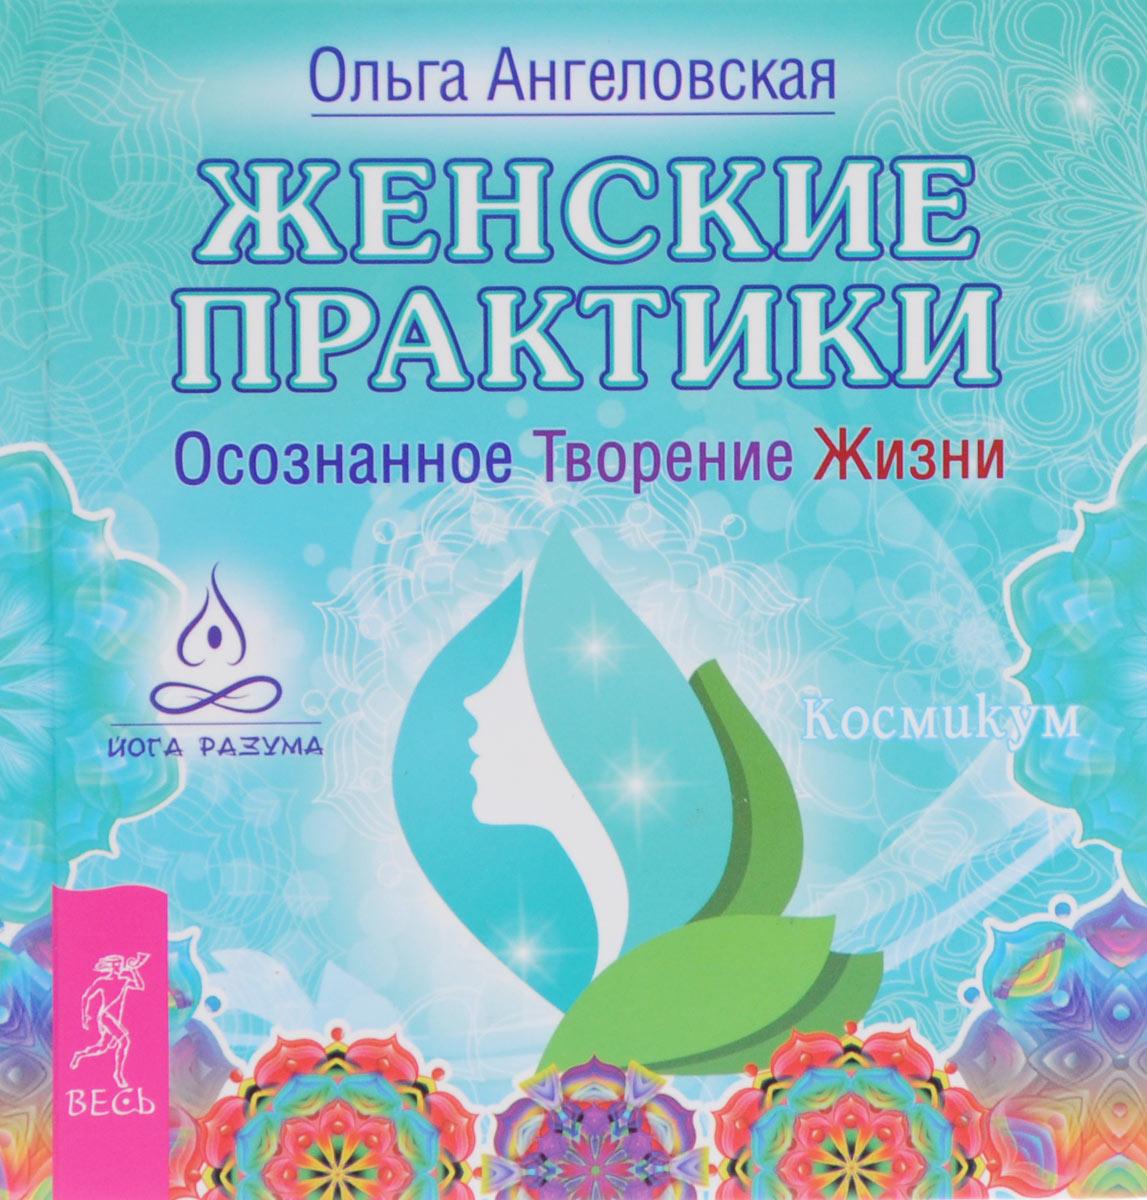 Ольга Ангеловская Женские практики. Осознанное Творение Жизни